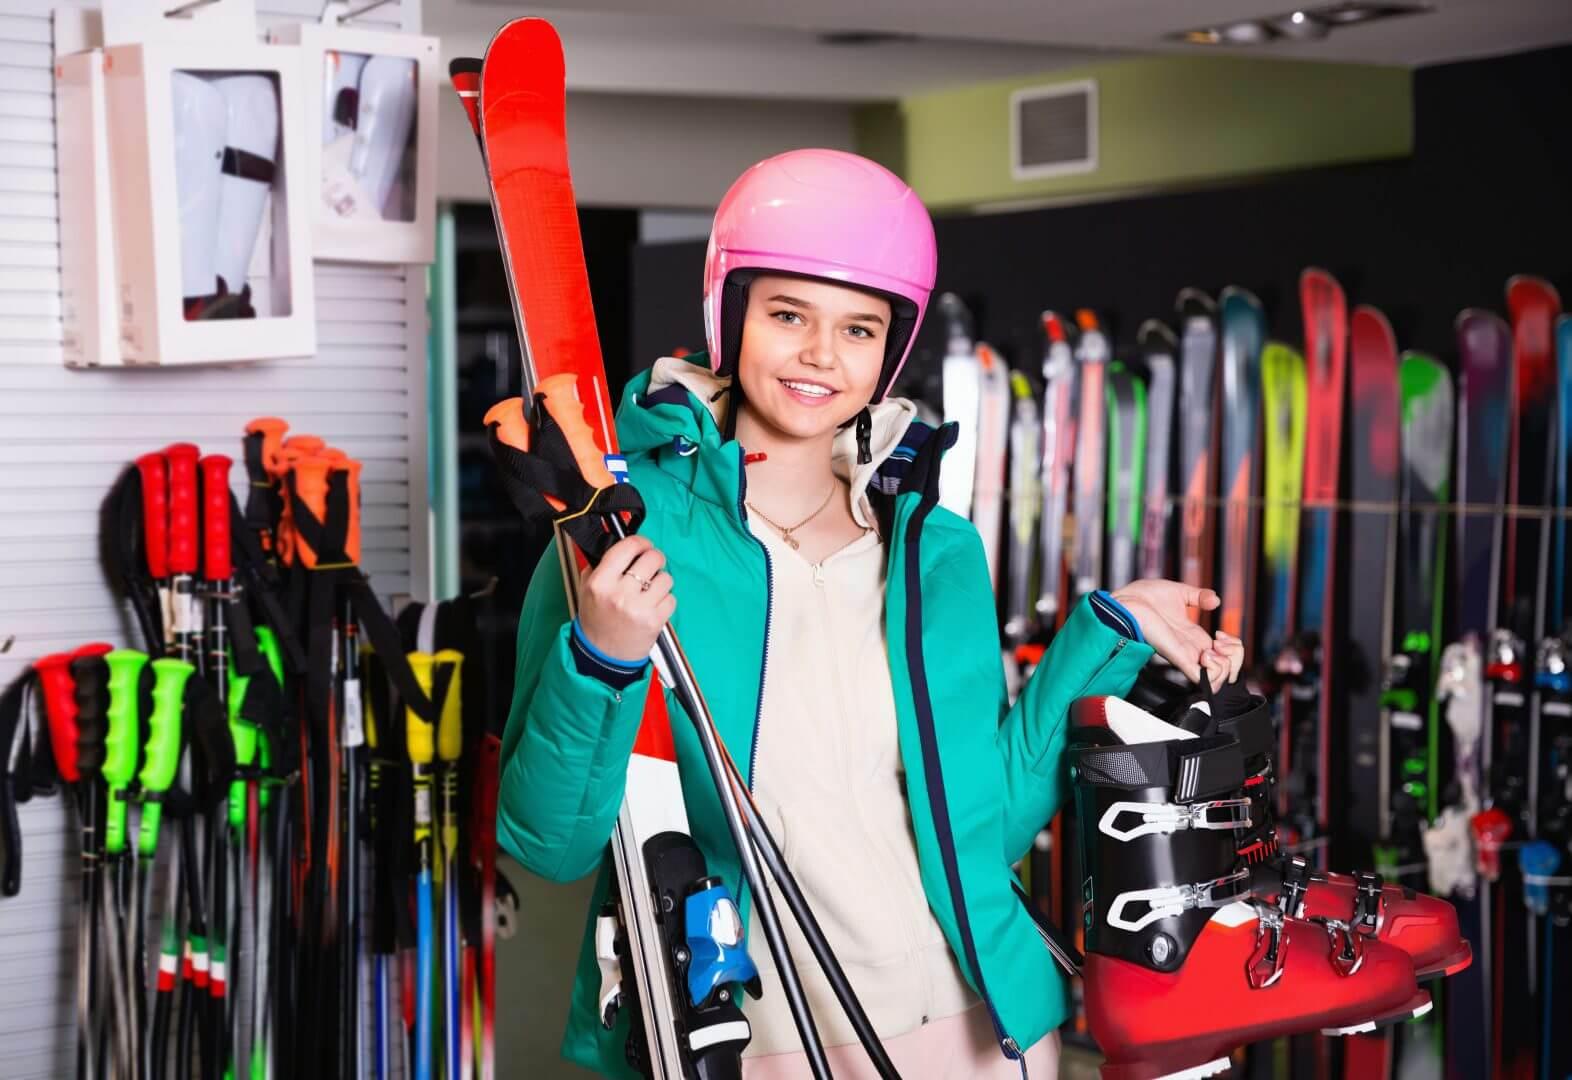 Jakie narty? Zadbaj o odpowiedni stój i sprzęt!